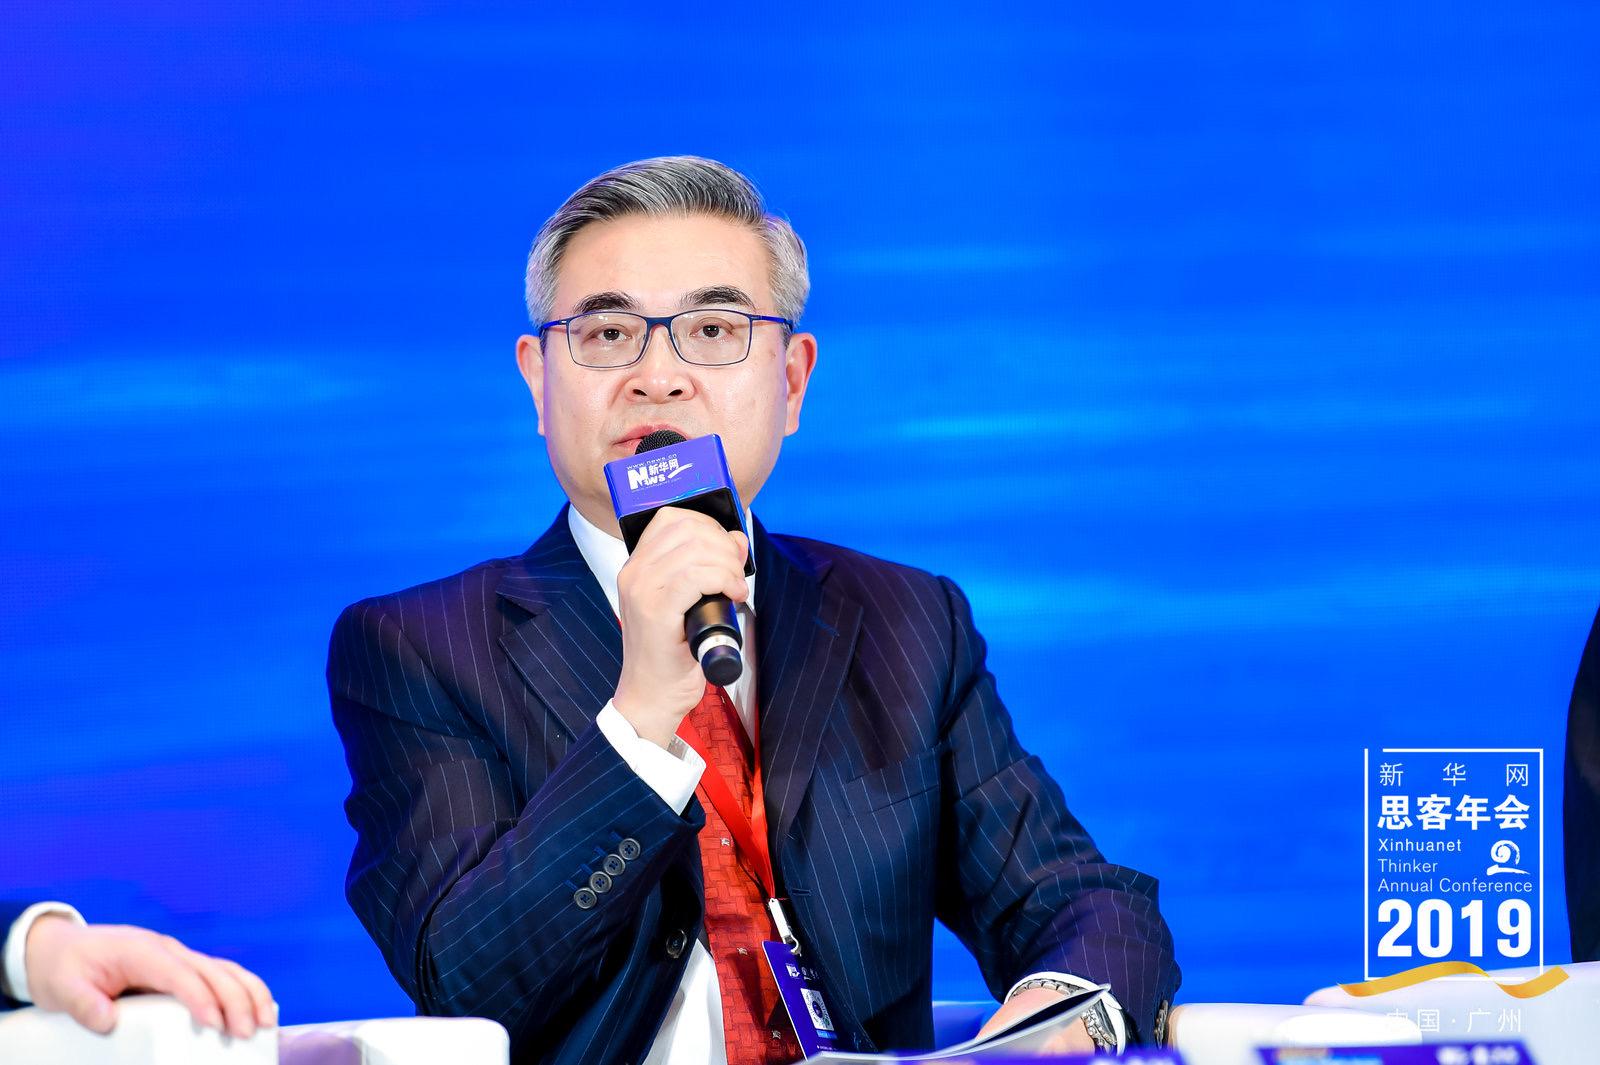 肖耿:中国的双循环发展战略